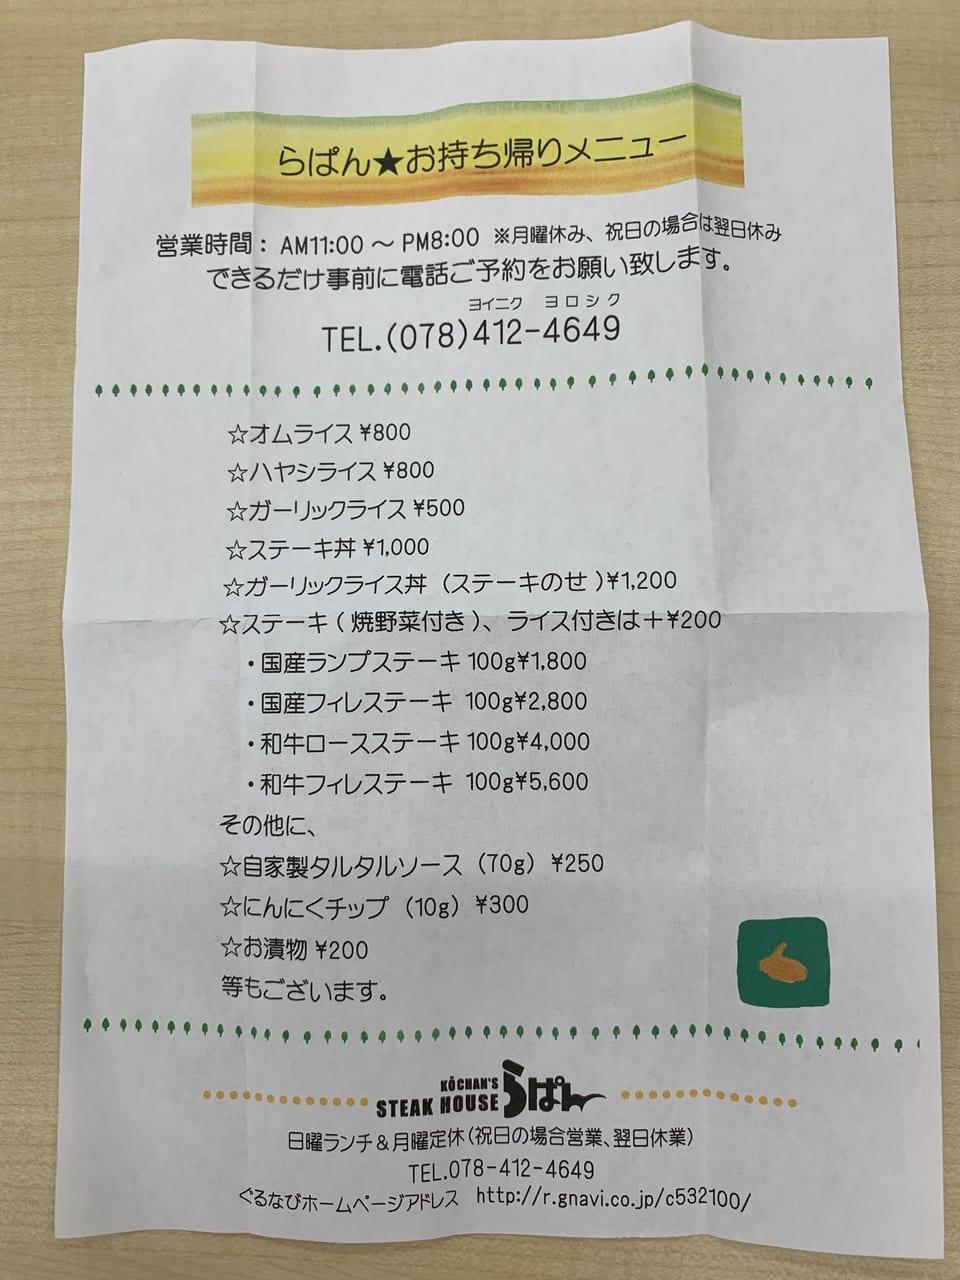 ステーキハウス・岡本テイクアウト